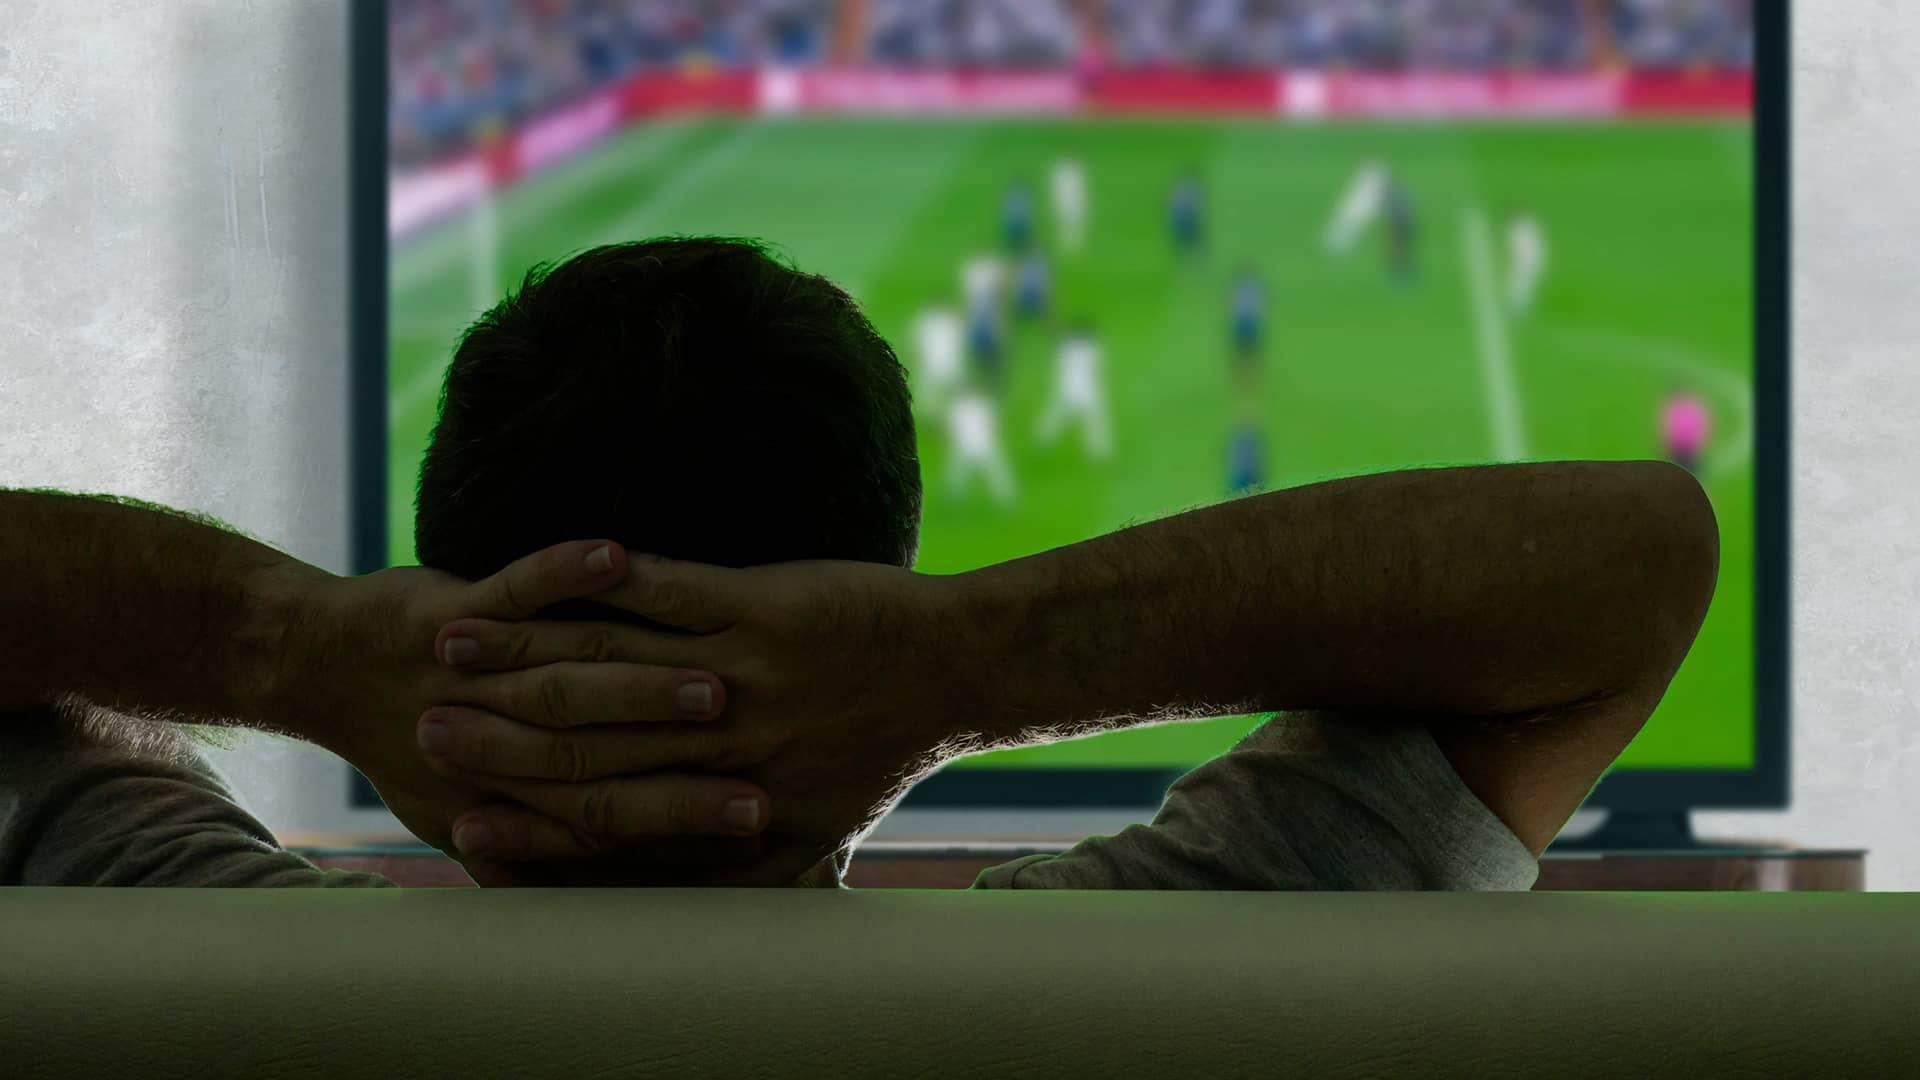 Ofertas de fútbol TV esta temporada: descubre las mejores